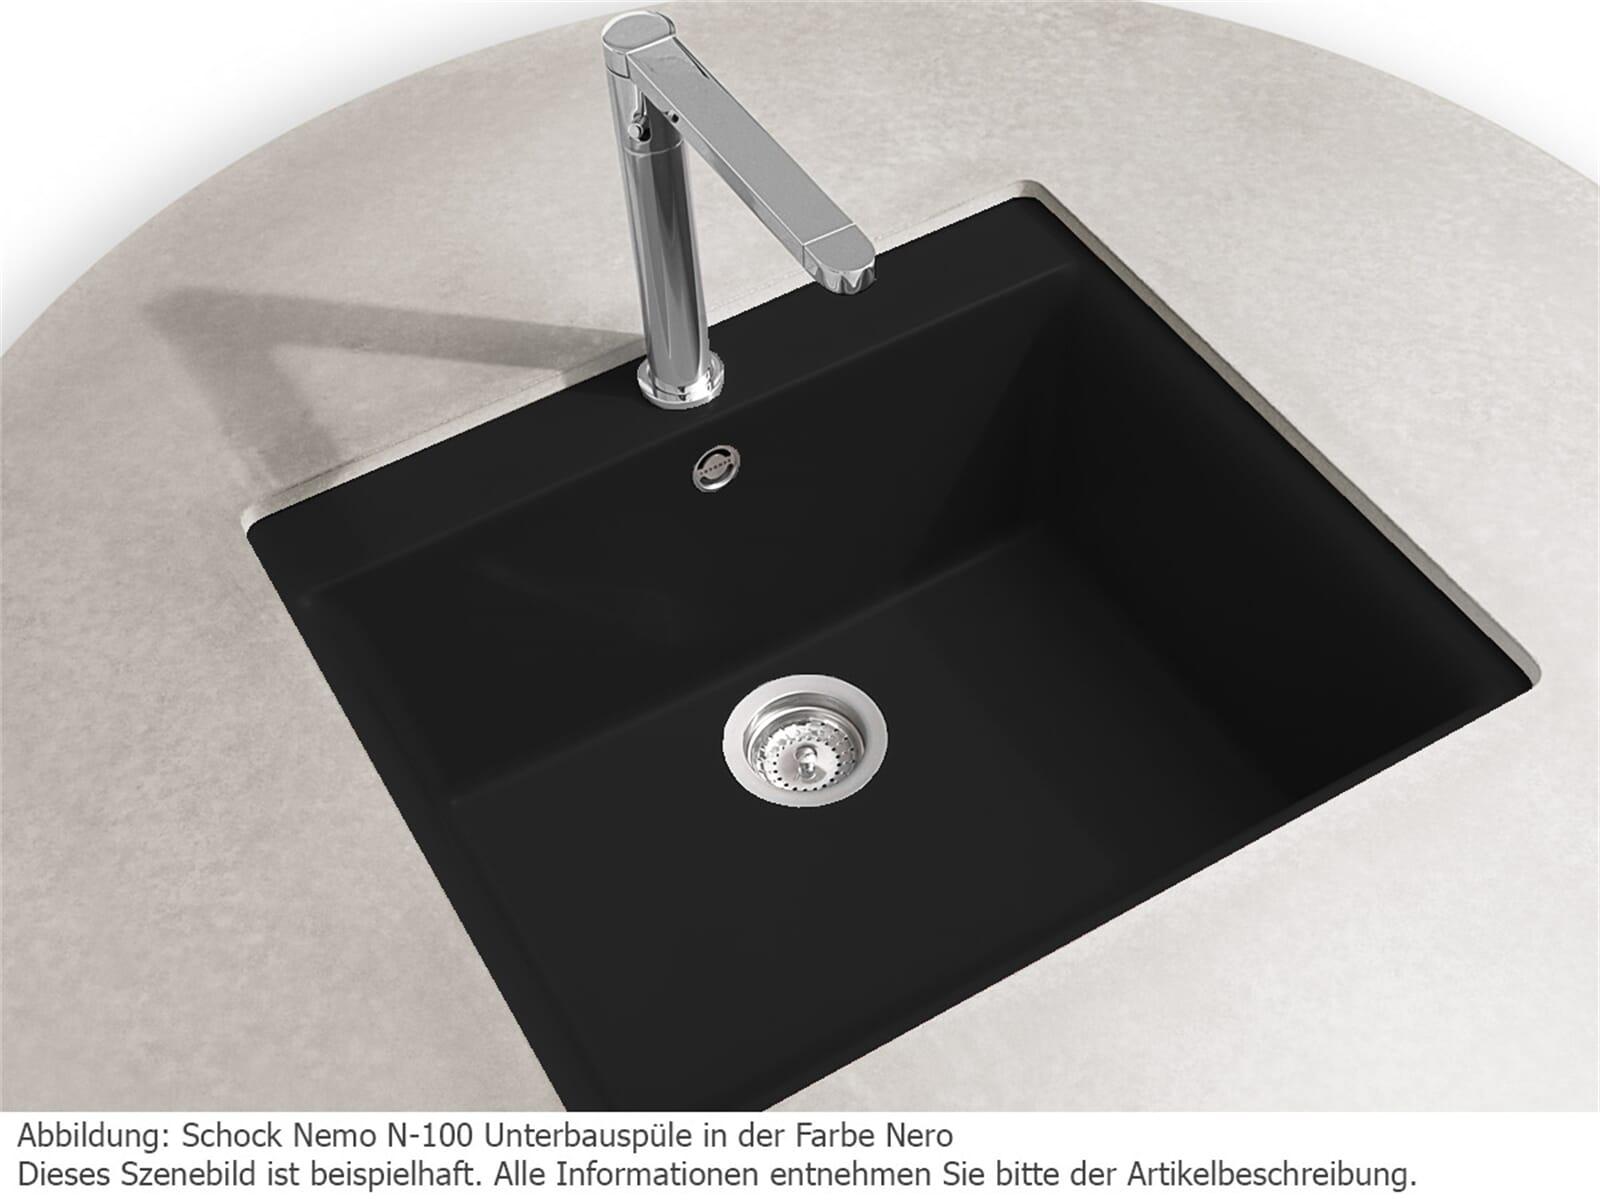 Schock Nemo N-100 U Croma - NEMN100UGCR Granitspüle